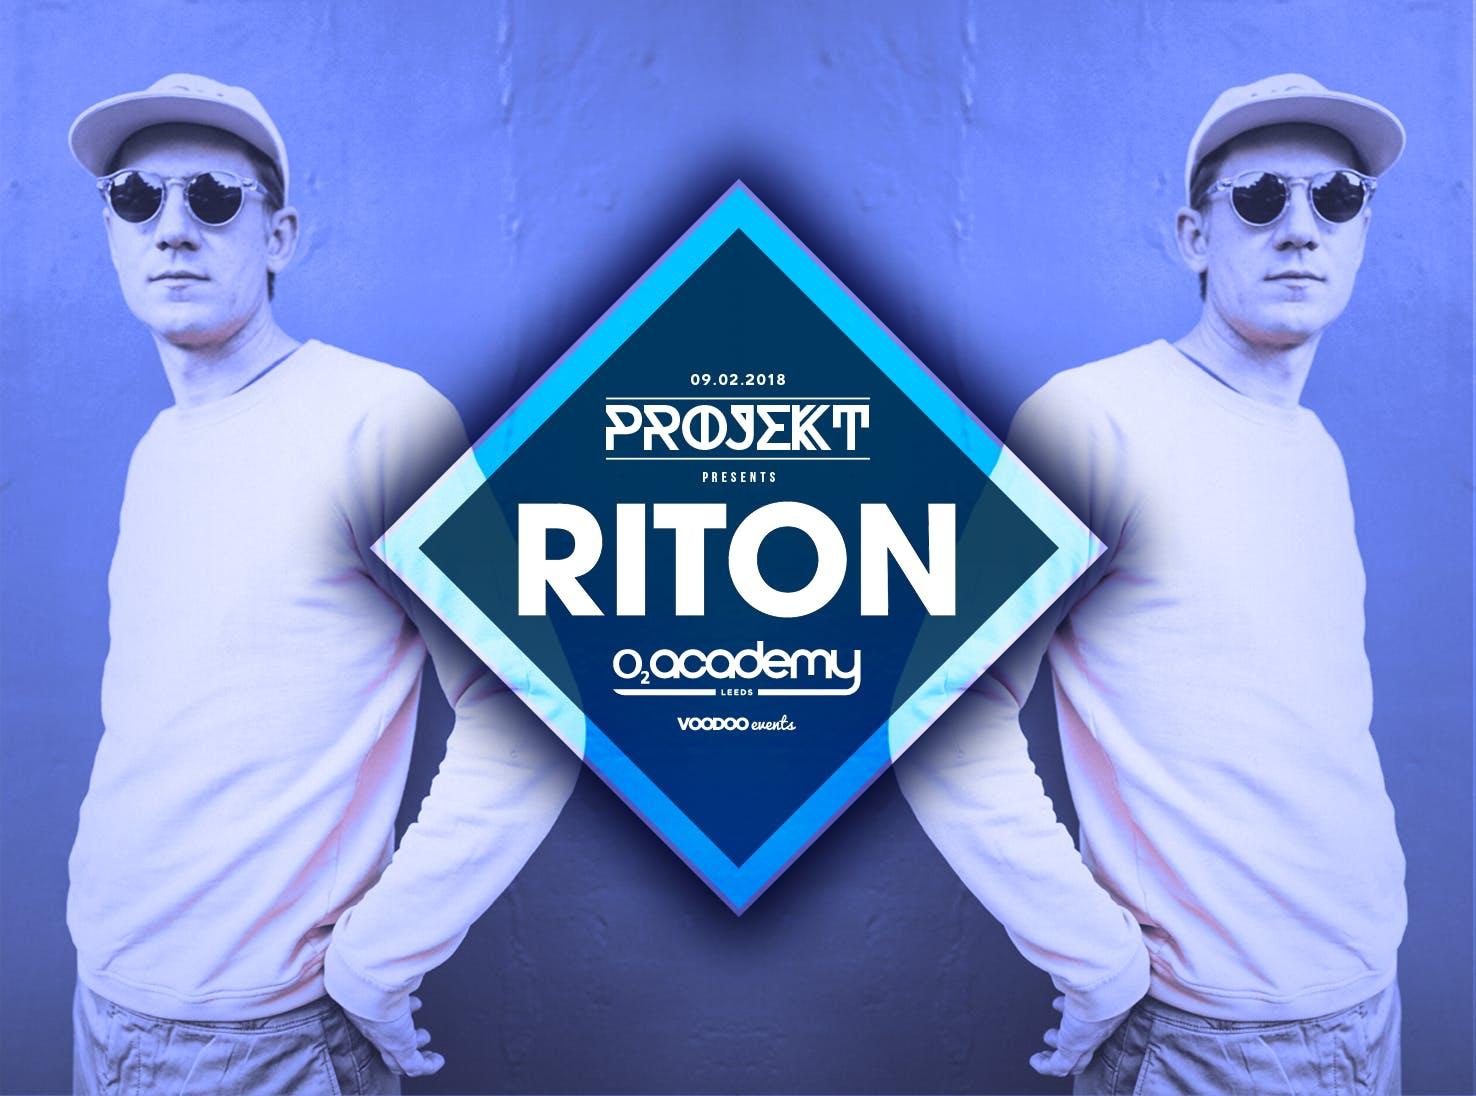 Projekt presents Riton